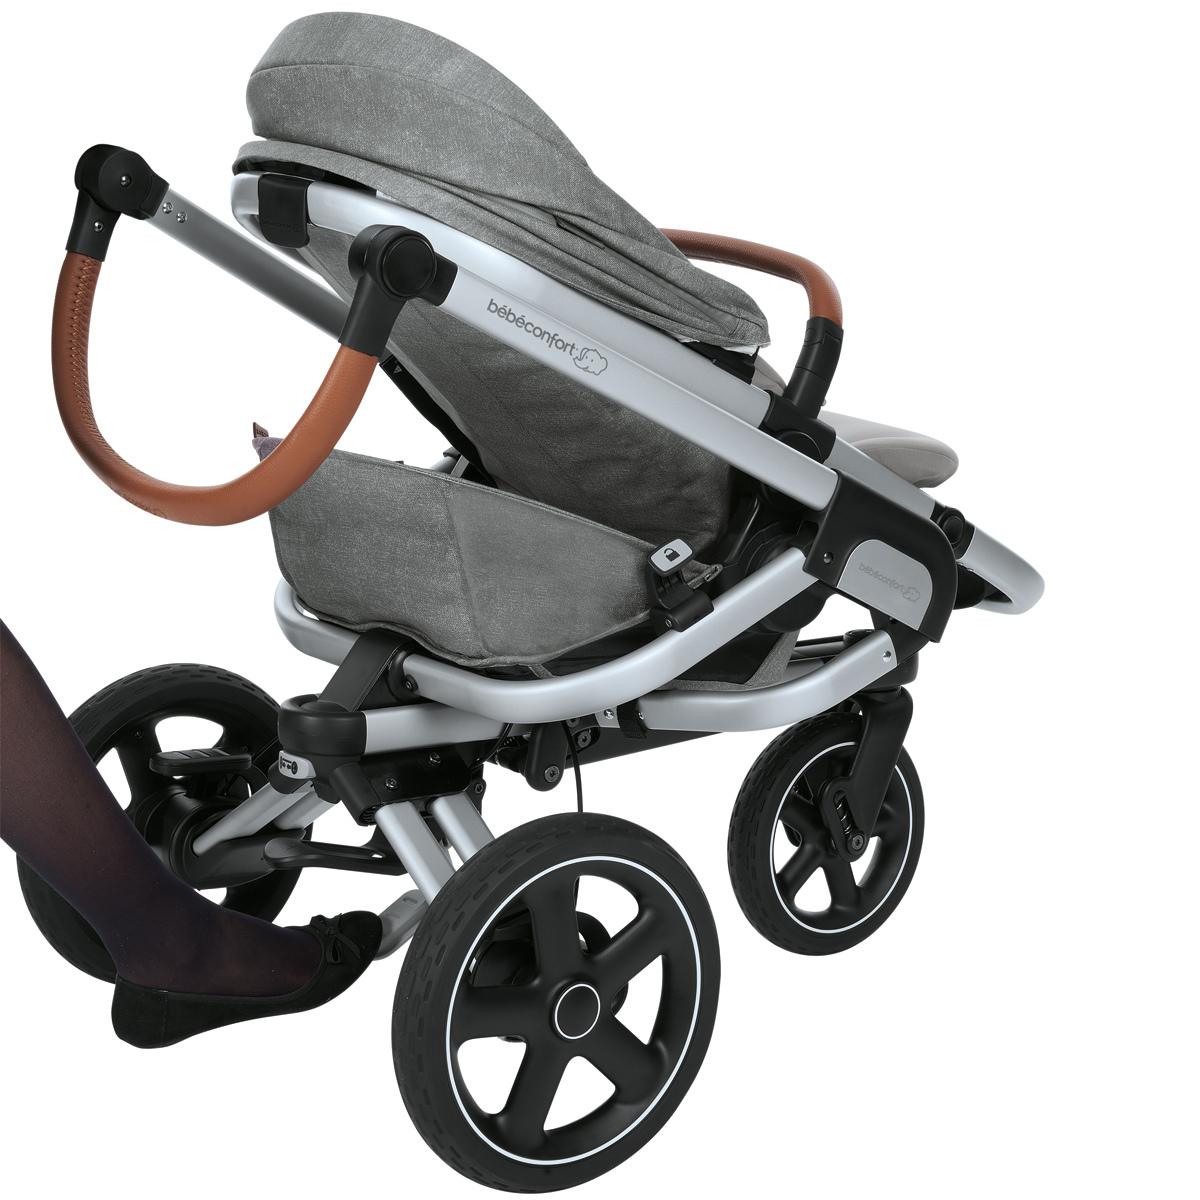 b b confort poussette de naissance nova 3 roues nomad grey poussette citadine b b confort. Black Bedroom Furniture Sets. Home Design Ideas